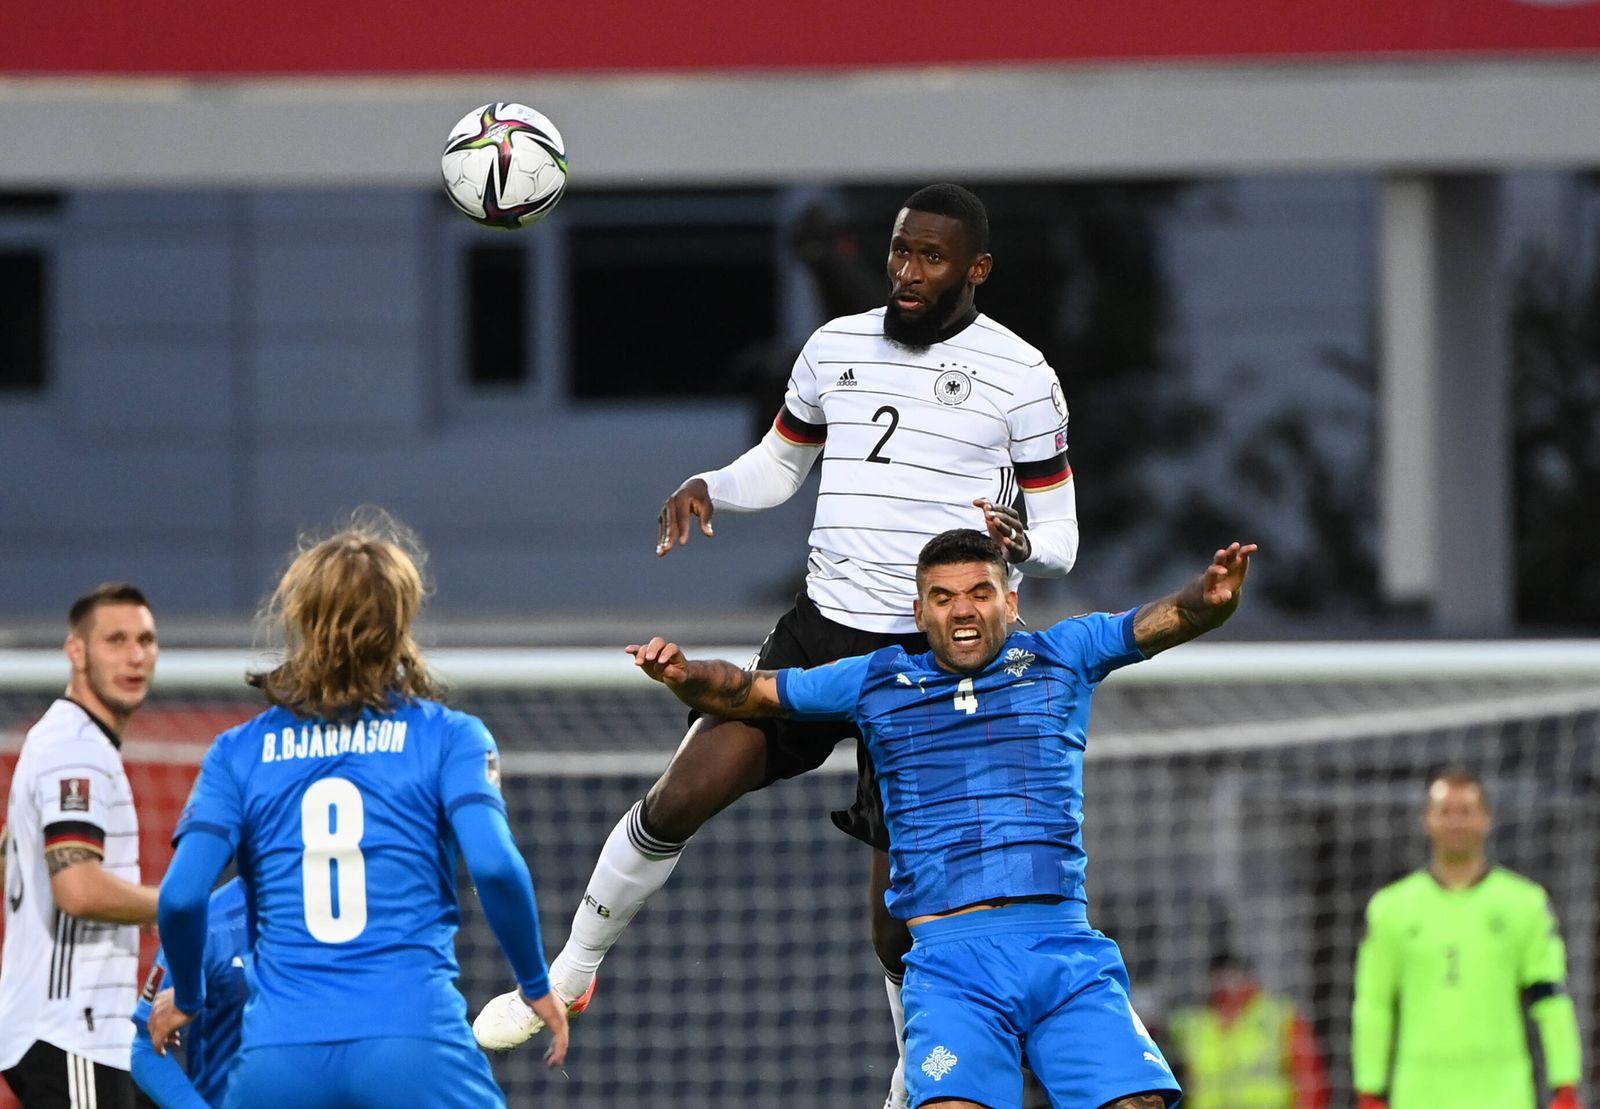 Fussball, Herren, Saison 2020/21, WM-Qualifikation (Gruppe J, 6. Spieltag) in Reykjavik, Island - Deutschland, v. l. Bi